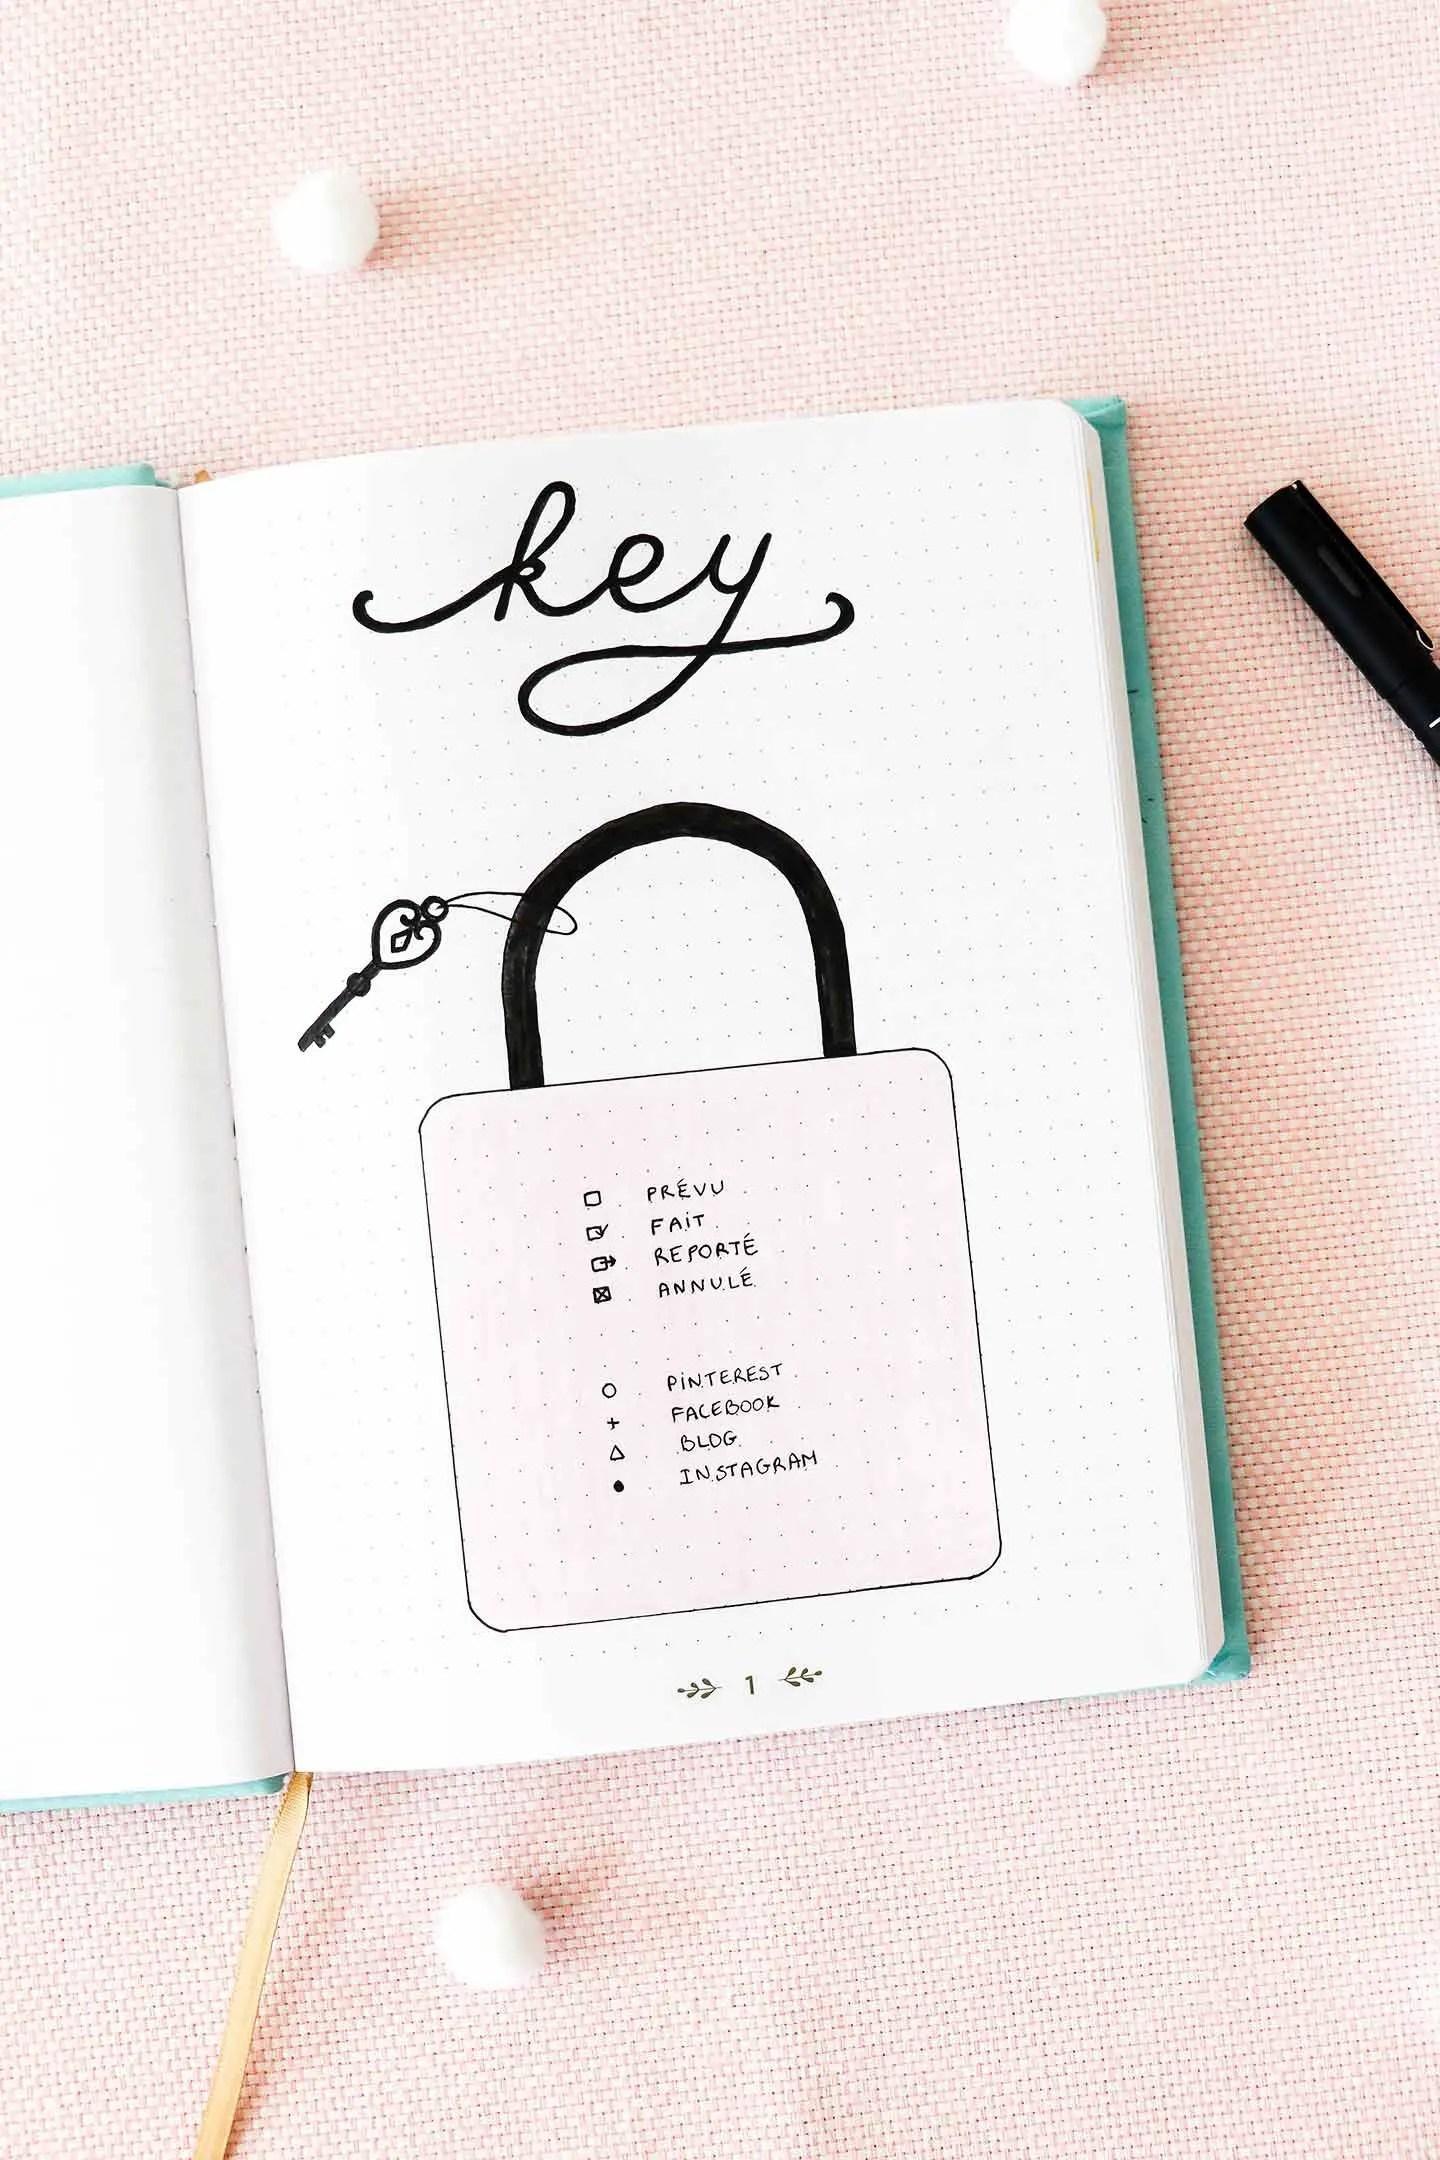 Bullet journal - key